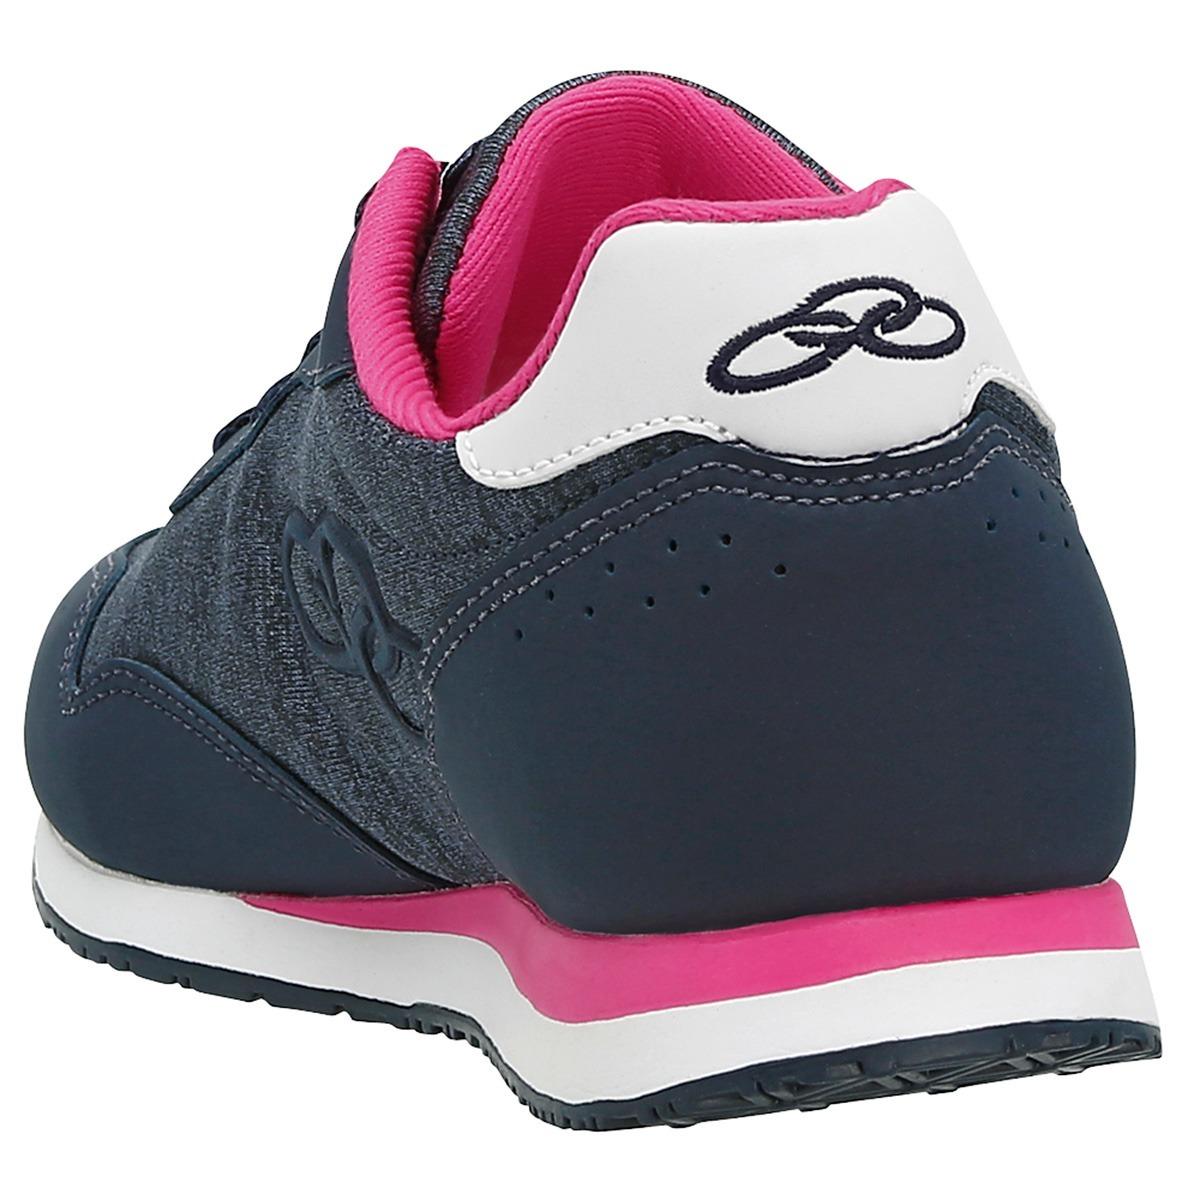 62dd6d400e7 tenis olympikus fancy 265 feminino - marinho e pink. Carregando zoom.